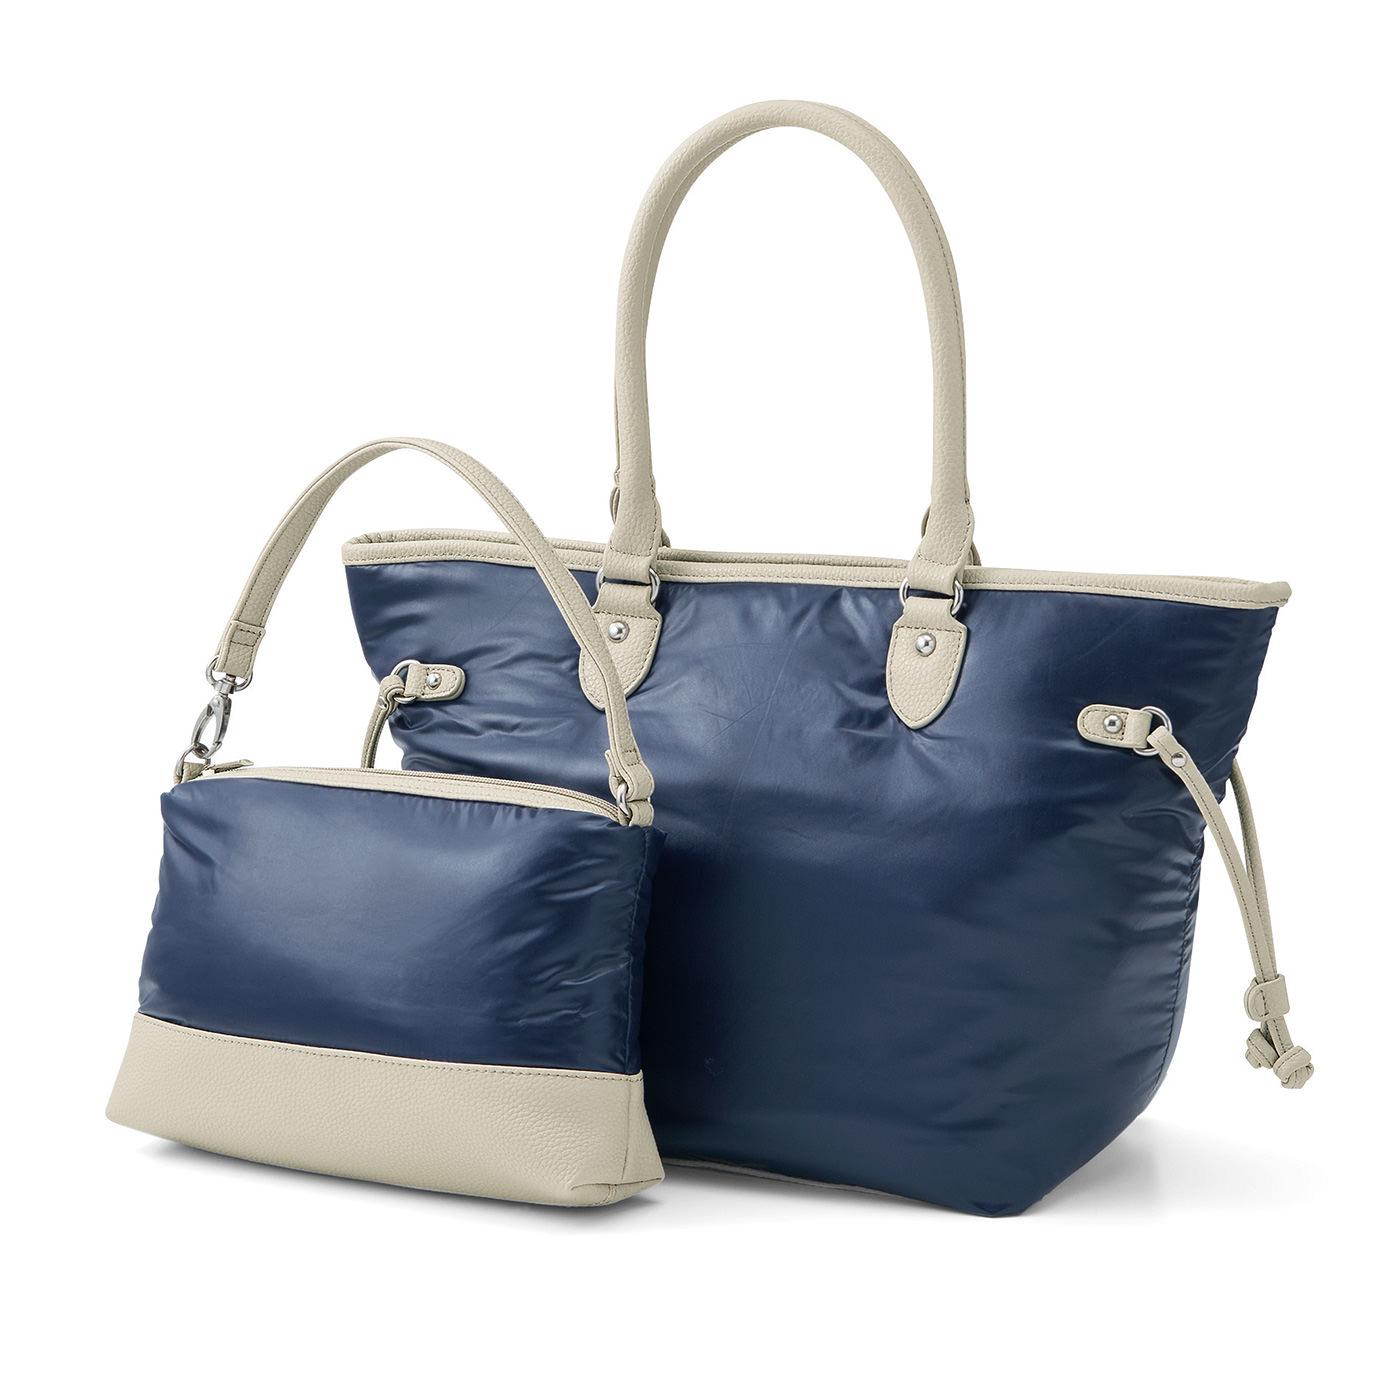 フェリシモ ミニバッグ付きだから使い方広がる 大人女子のためのすっきりトートバッグ